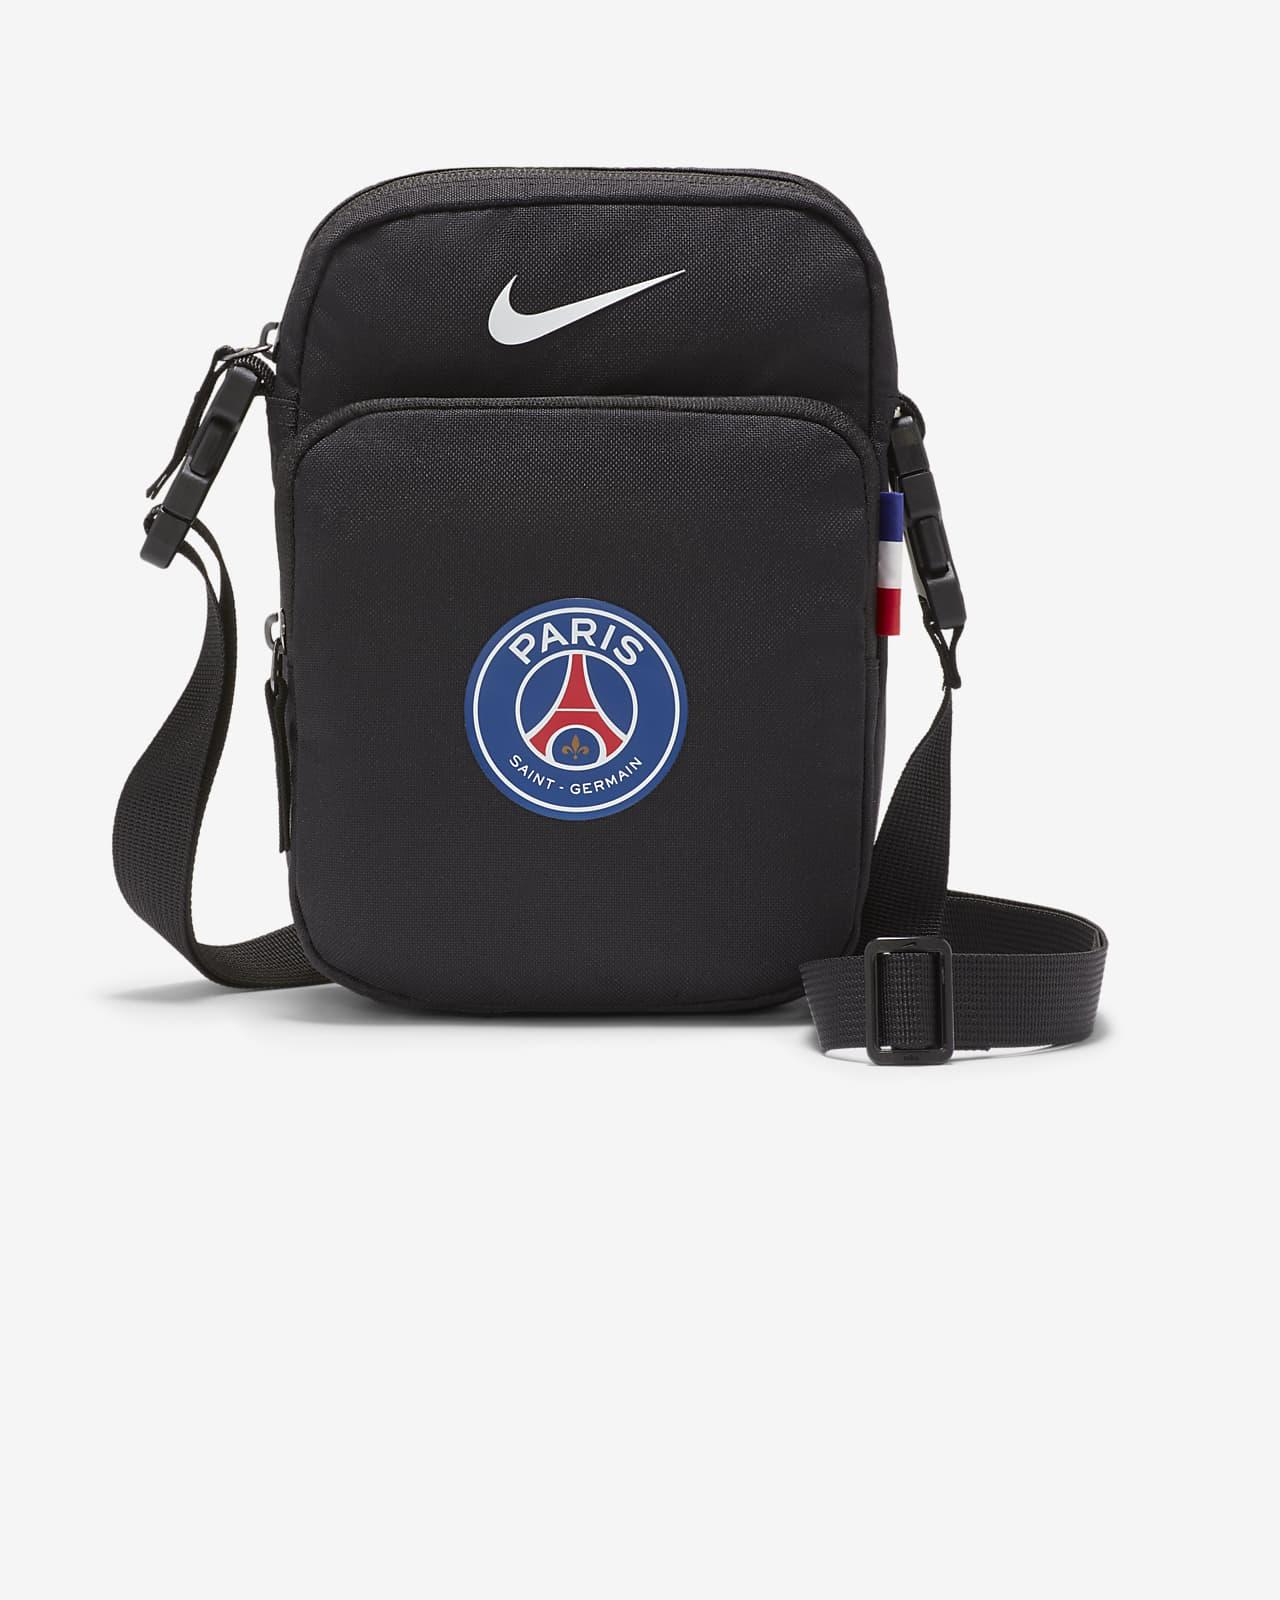 パリ サンジェルマン スタジアム サッカー クロスボディ バッグ